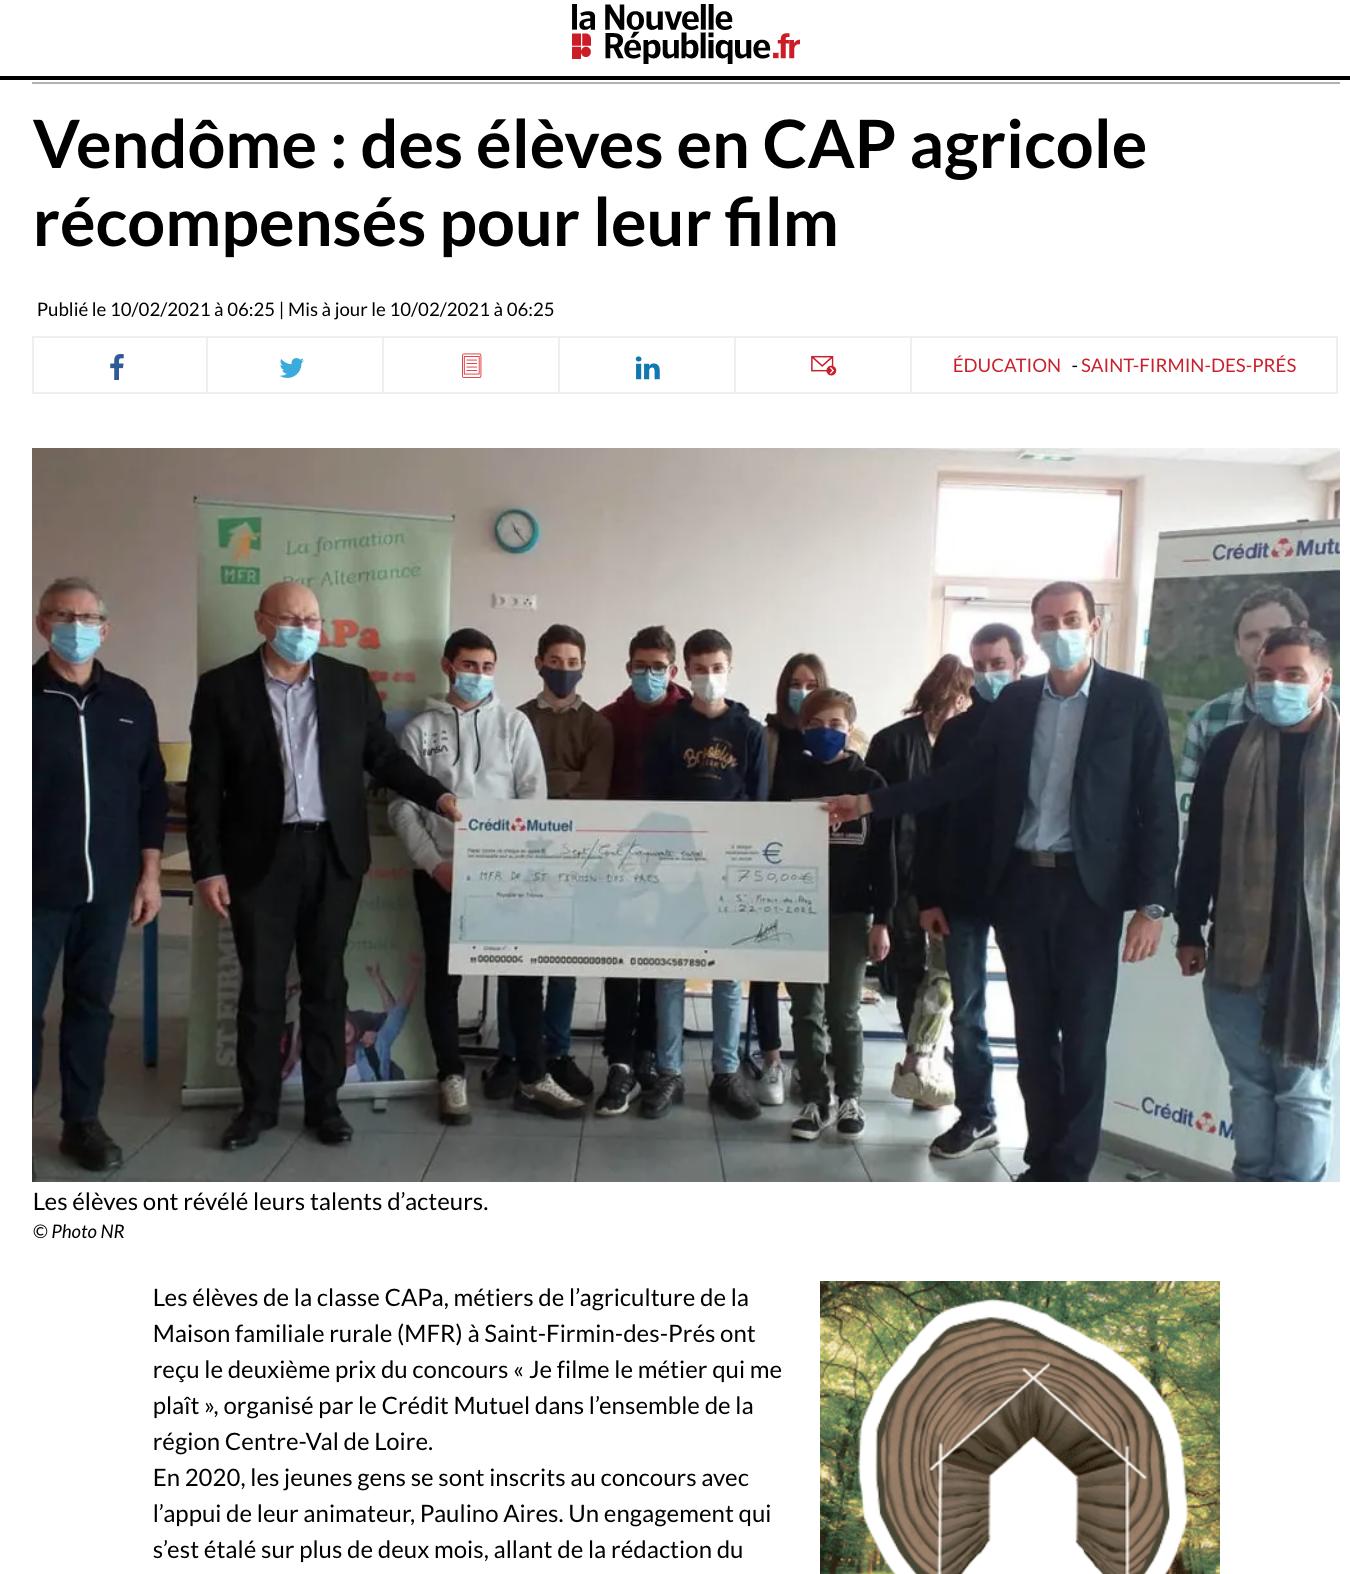 La Nouvelle République.fr - 10/02/2021